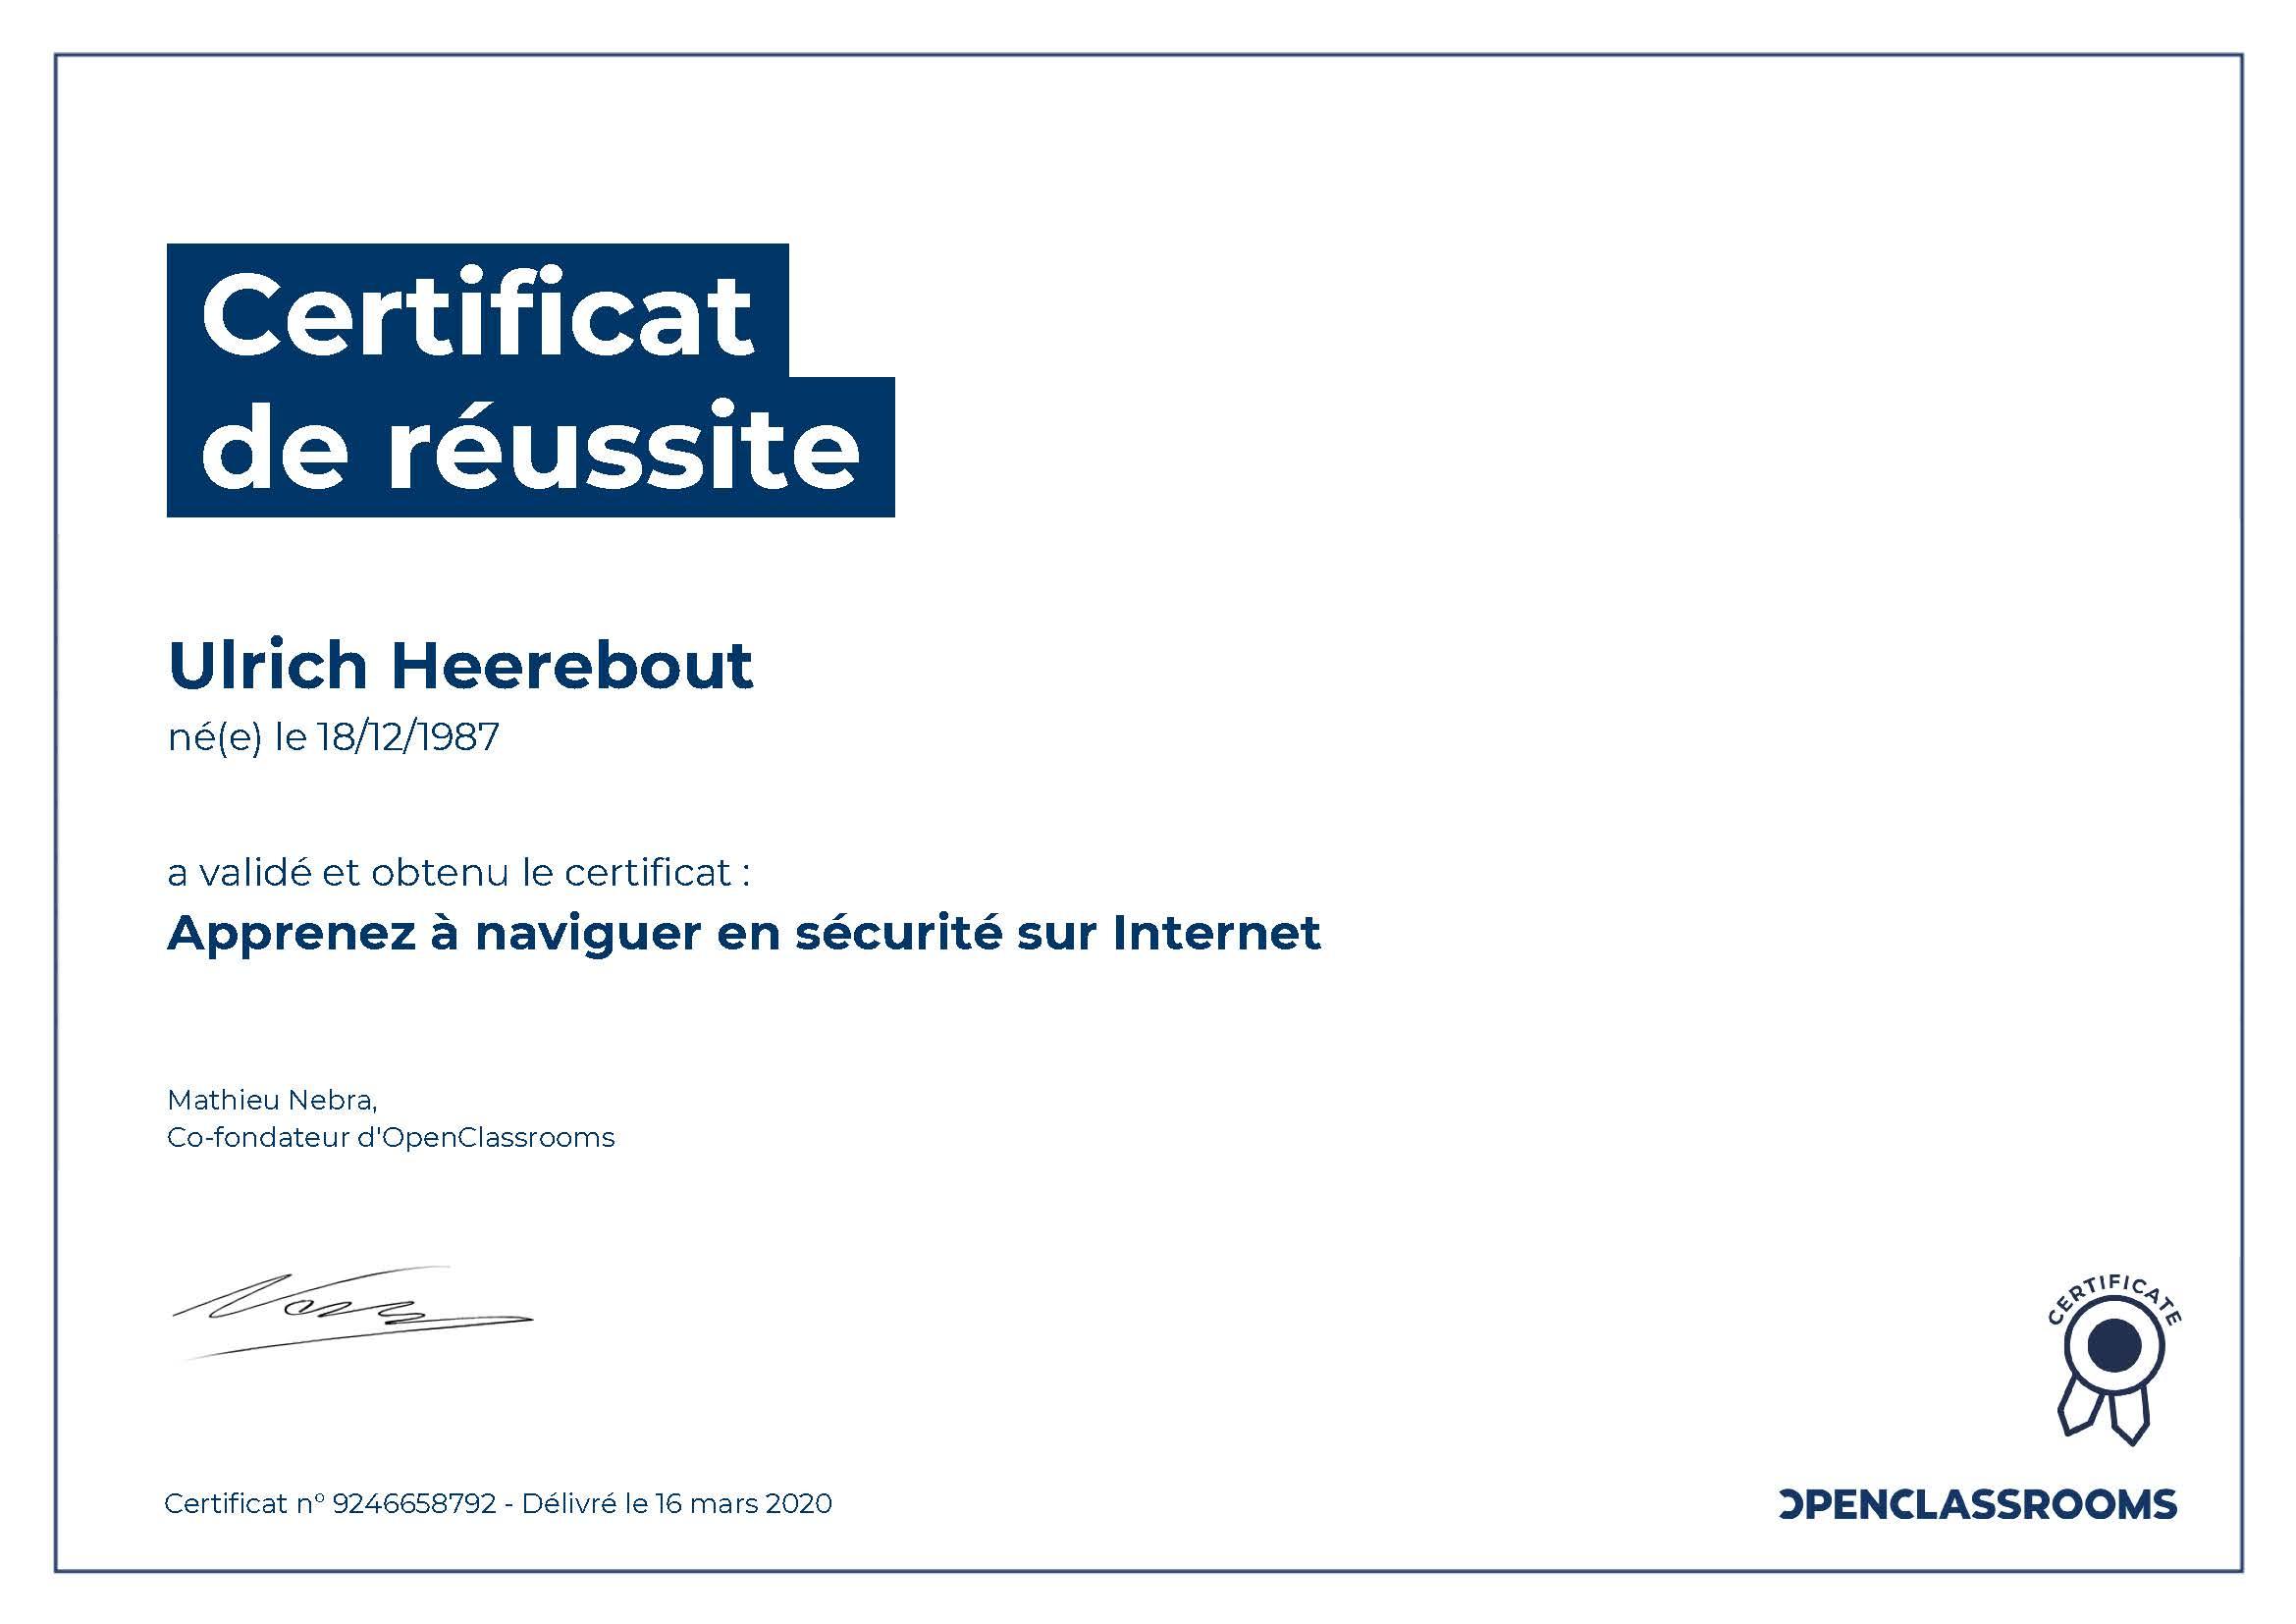 Certificat de réussite : Apprenez à naviguer en sécurité sur Internet